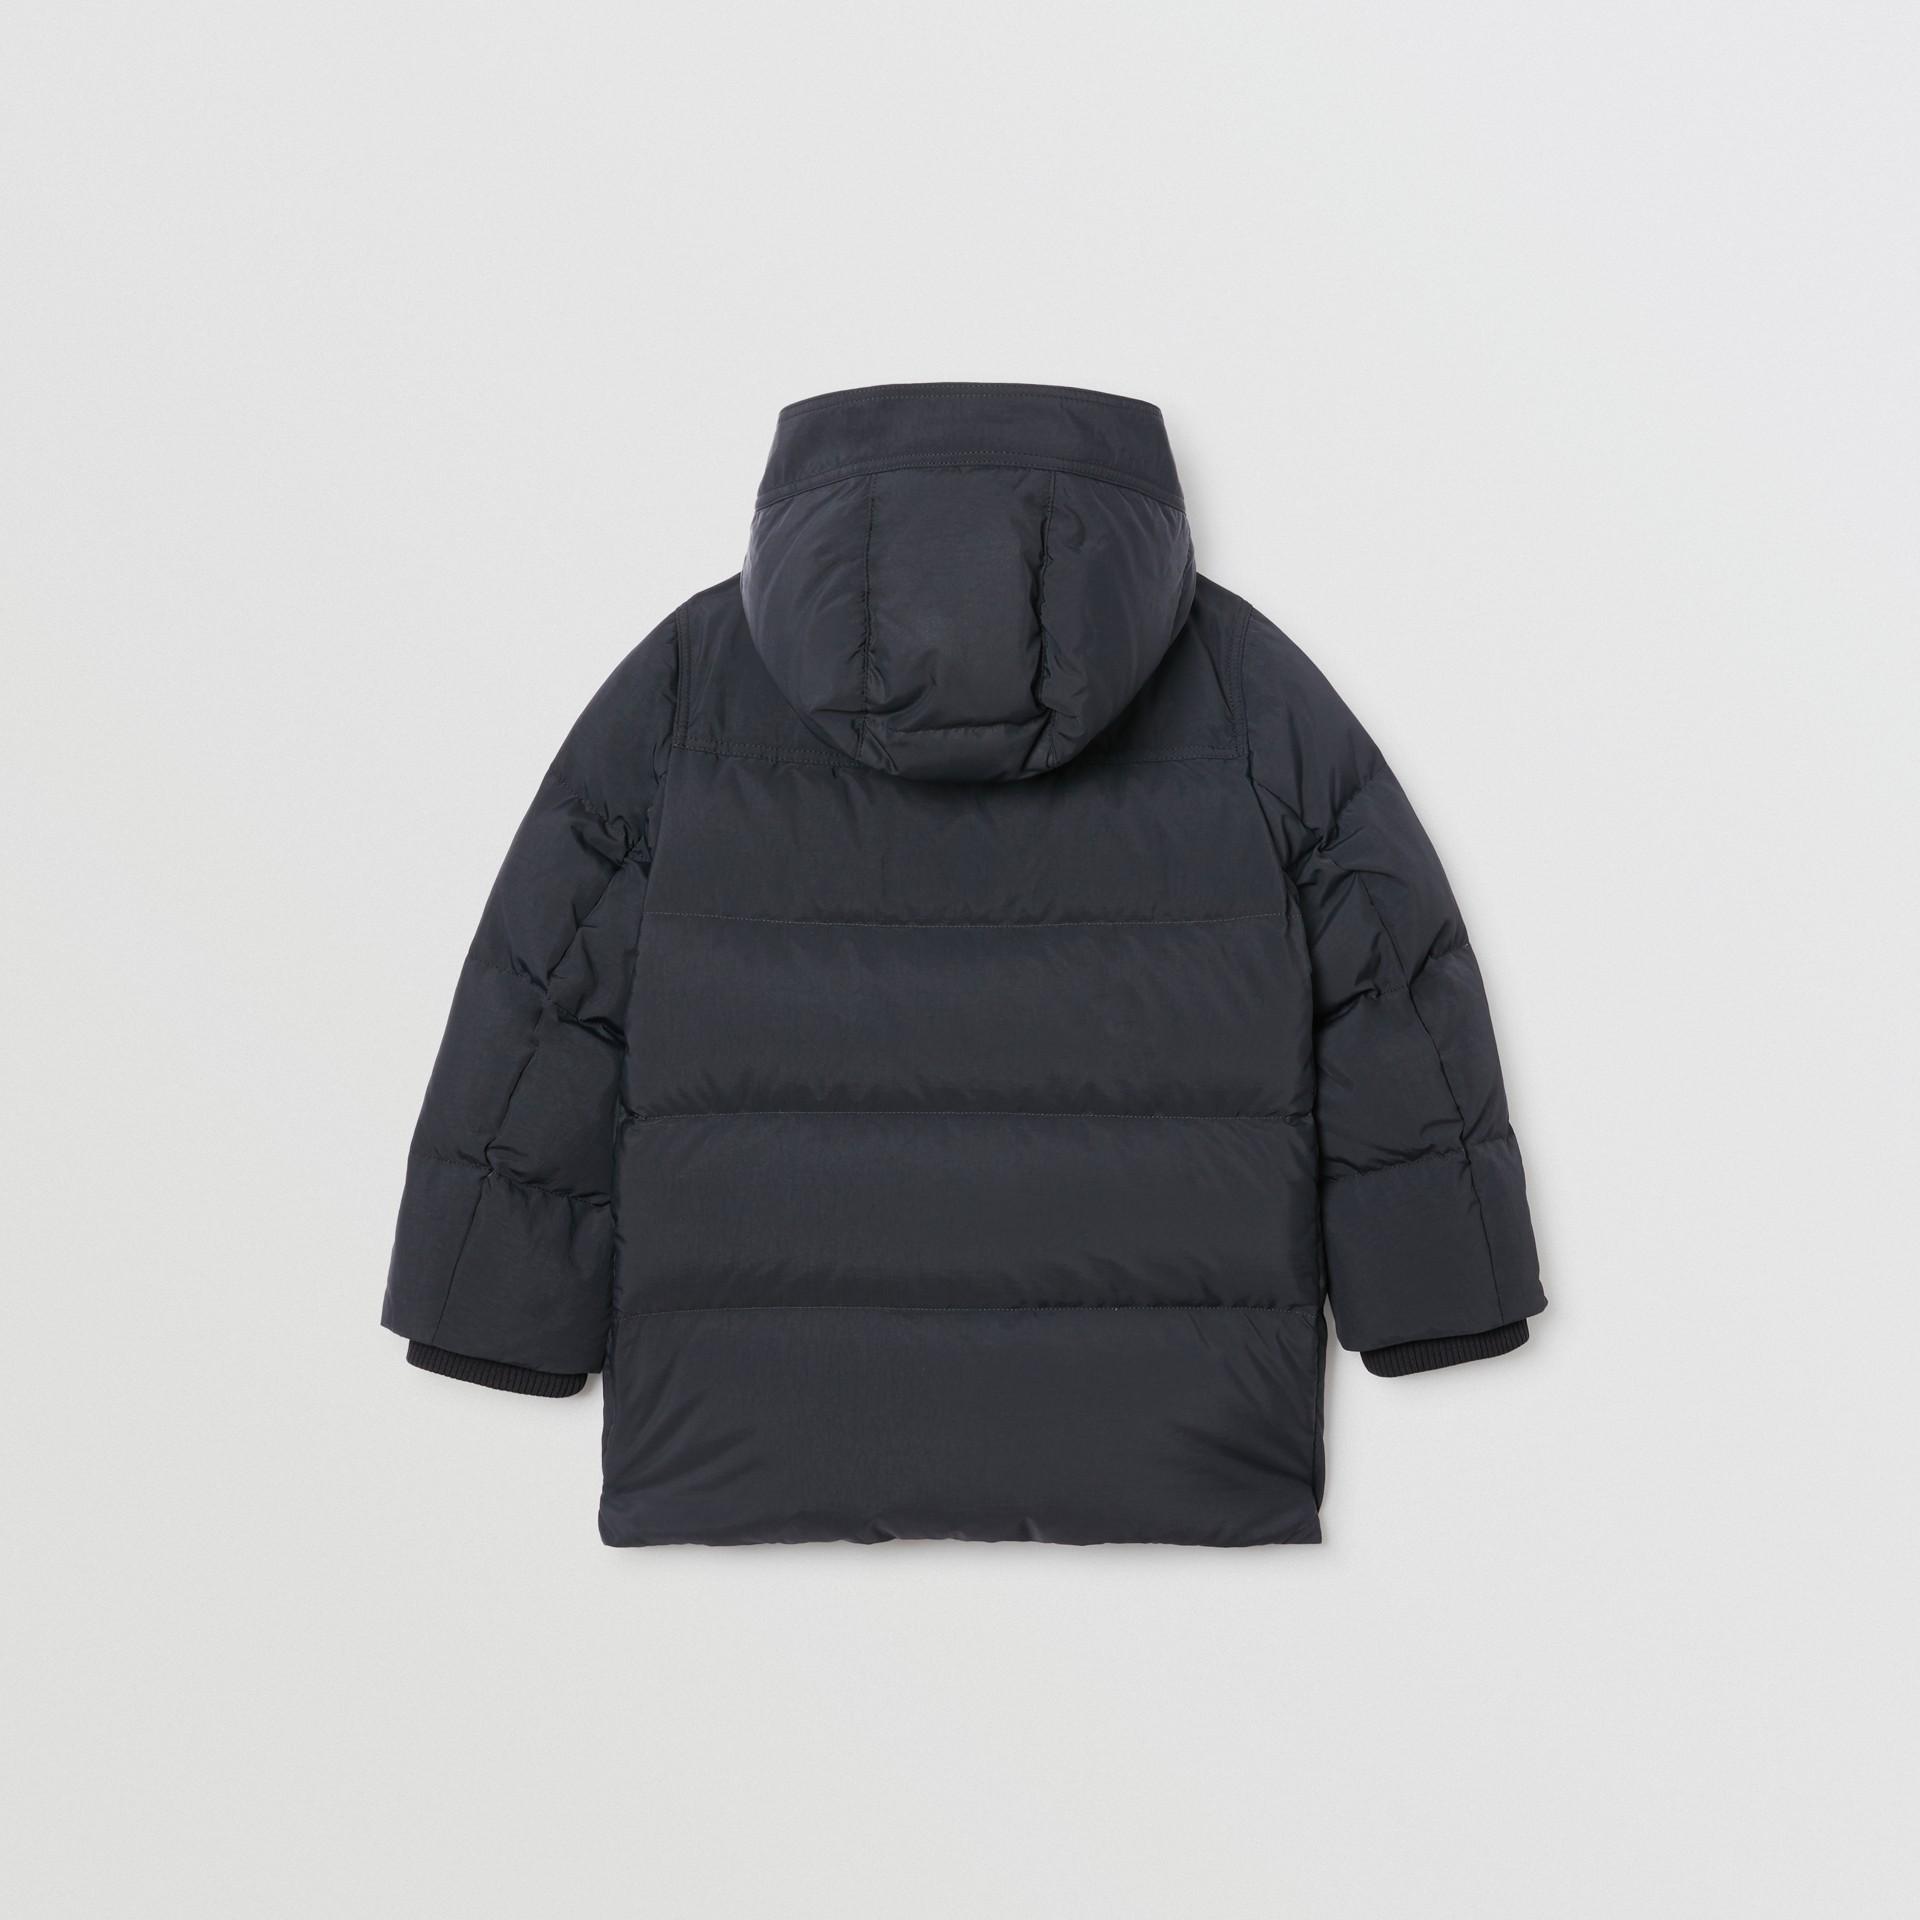 Пальто на пуху со съемным капюшоном (Черный) | Burberry - изображение 3